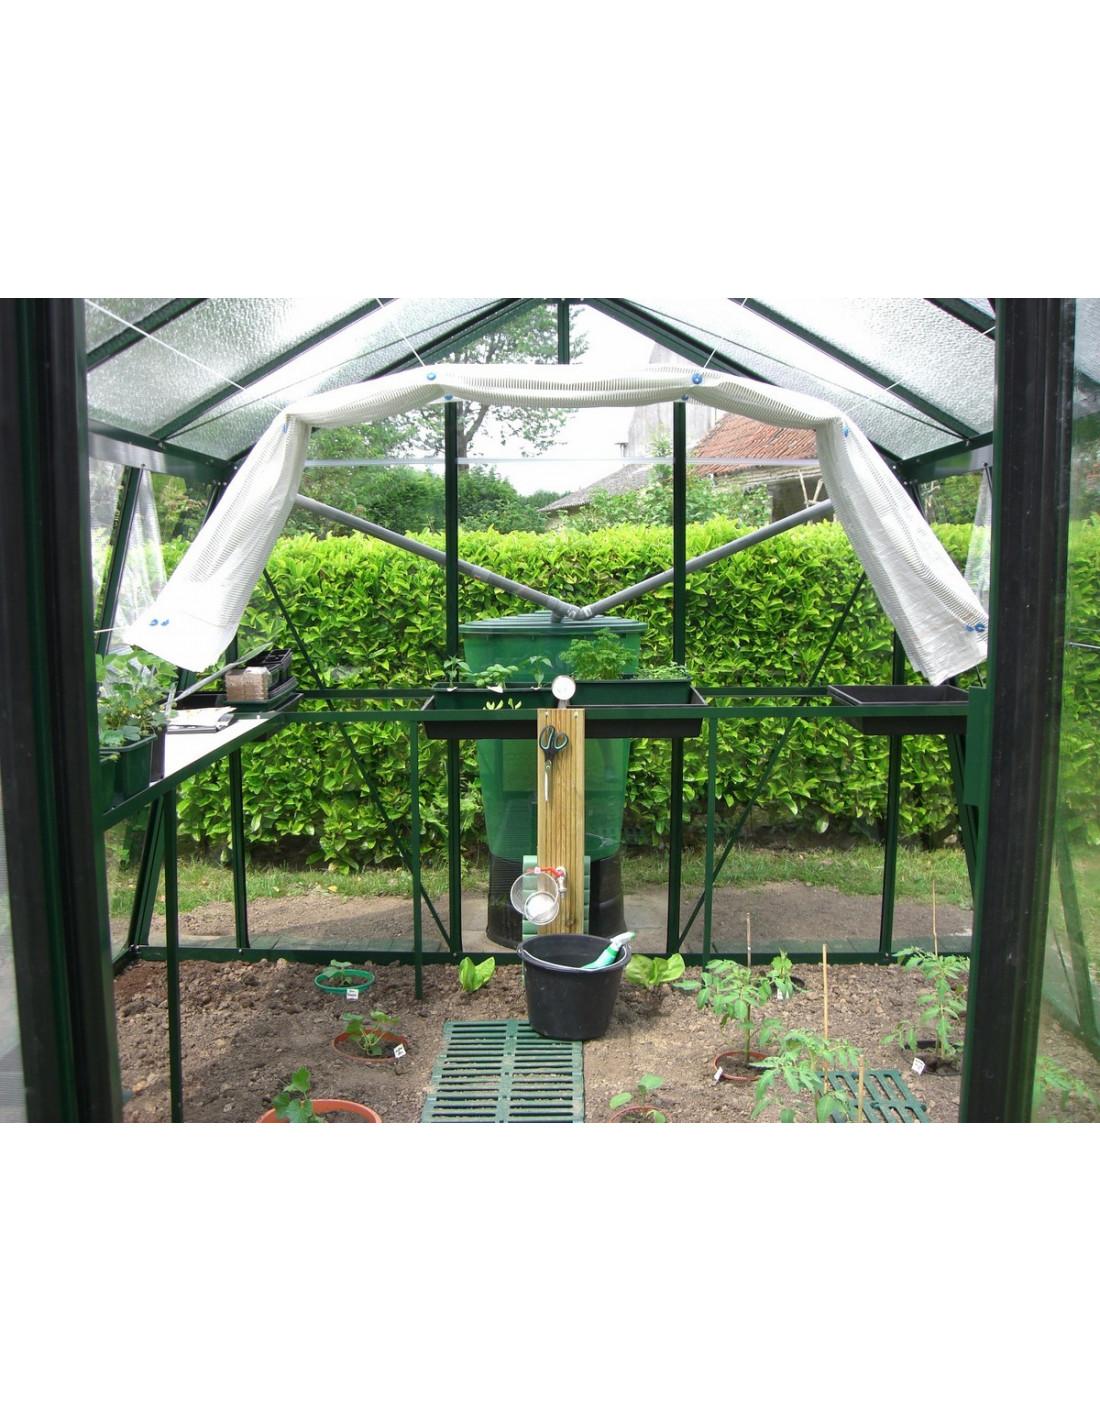 Toile d 39 ombrage pro au choix pour serre acd serres et abris - Accessoires serre de jardin ...